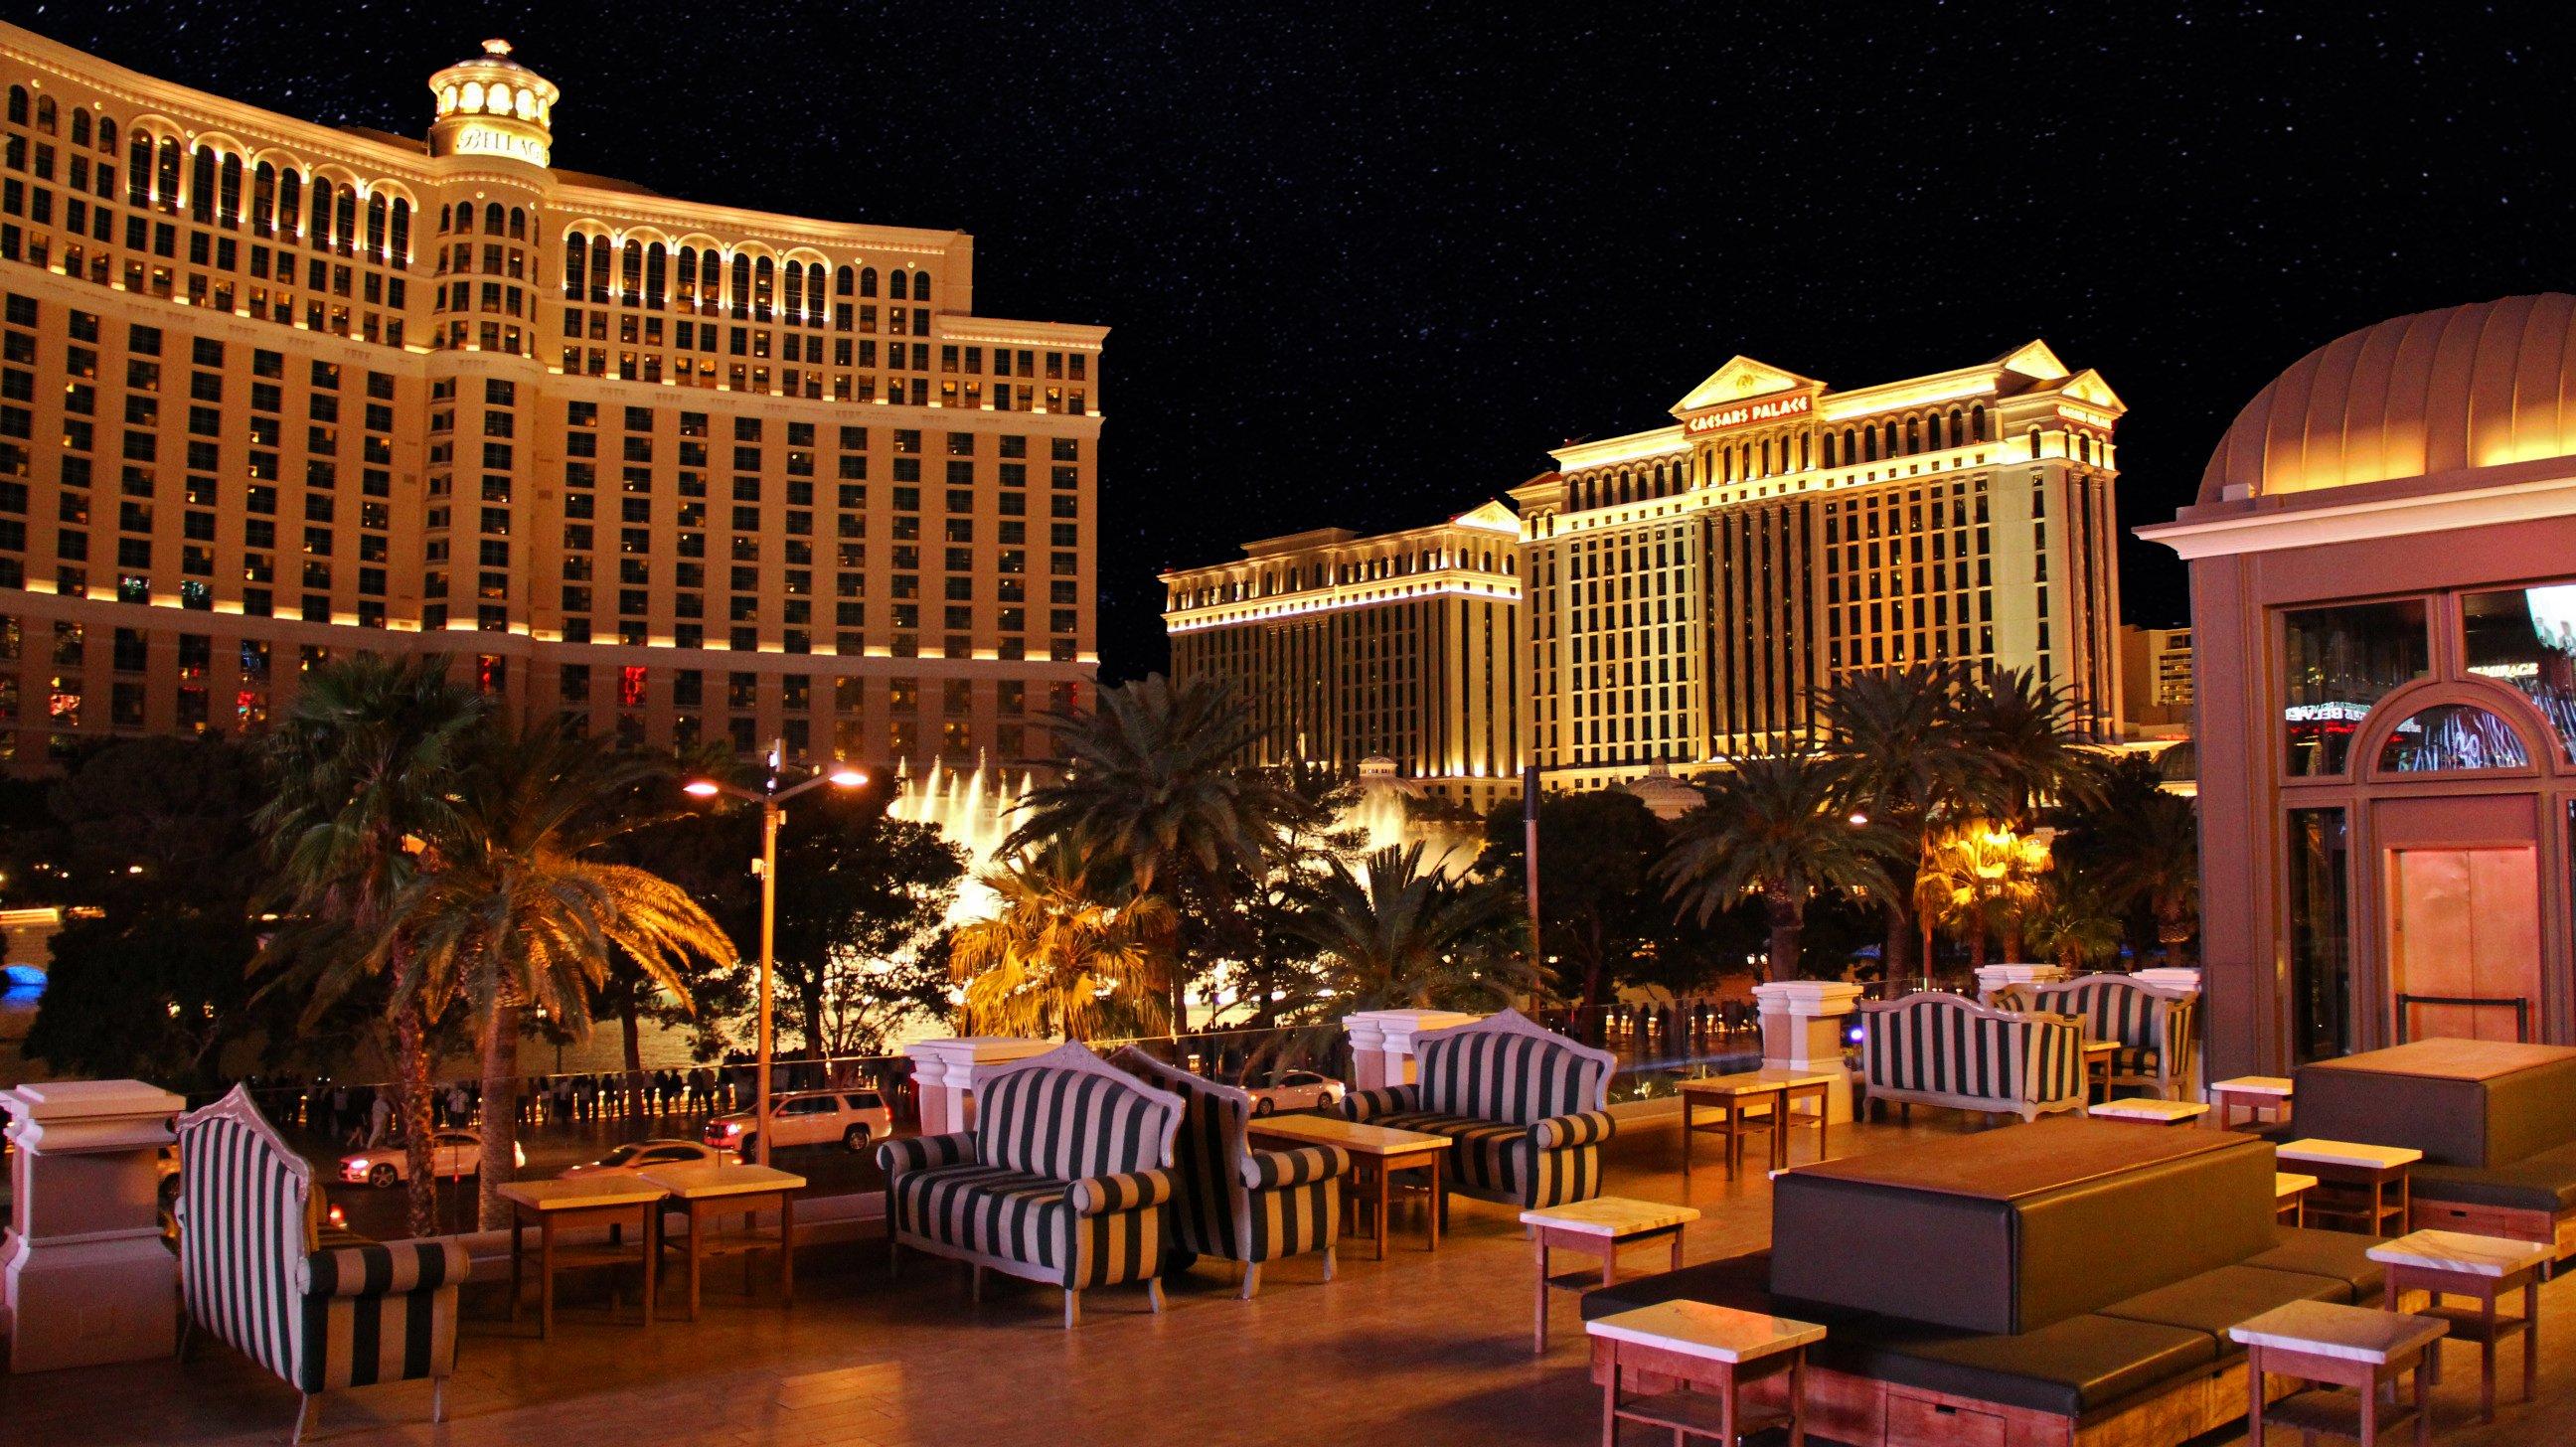 Chateau Nightclub Las Vegas | SKAM